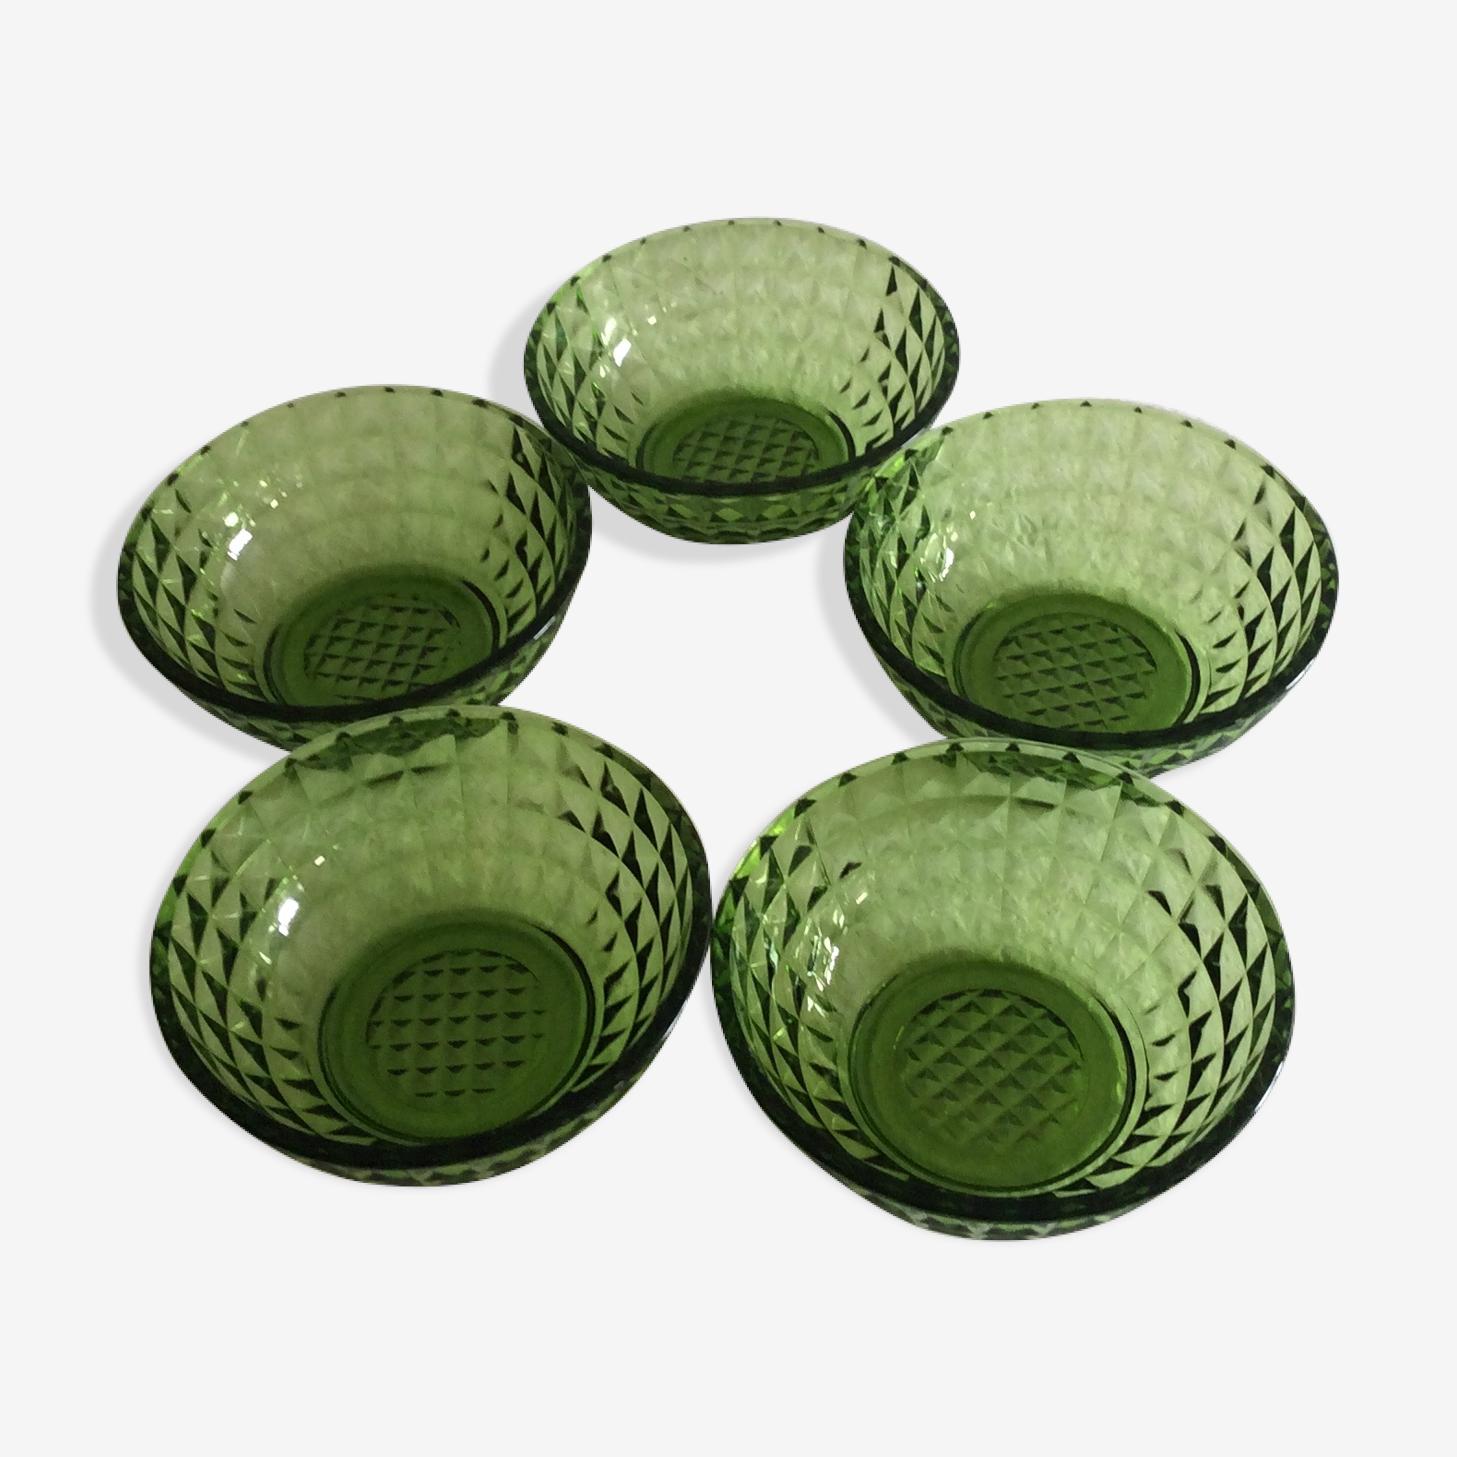 Série de cinq coupelles vertes